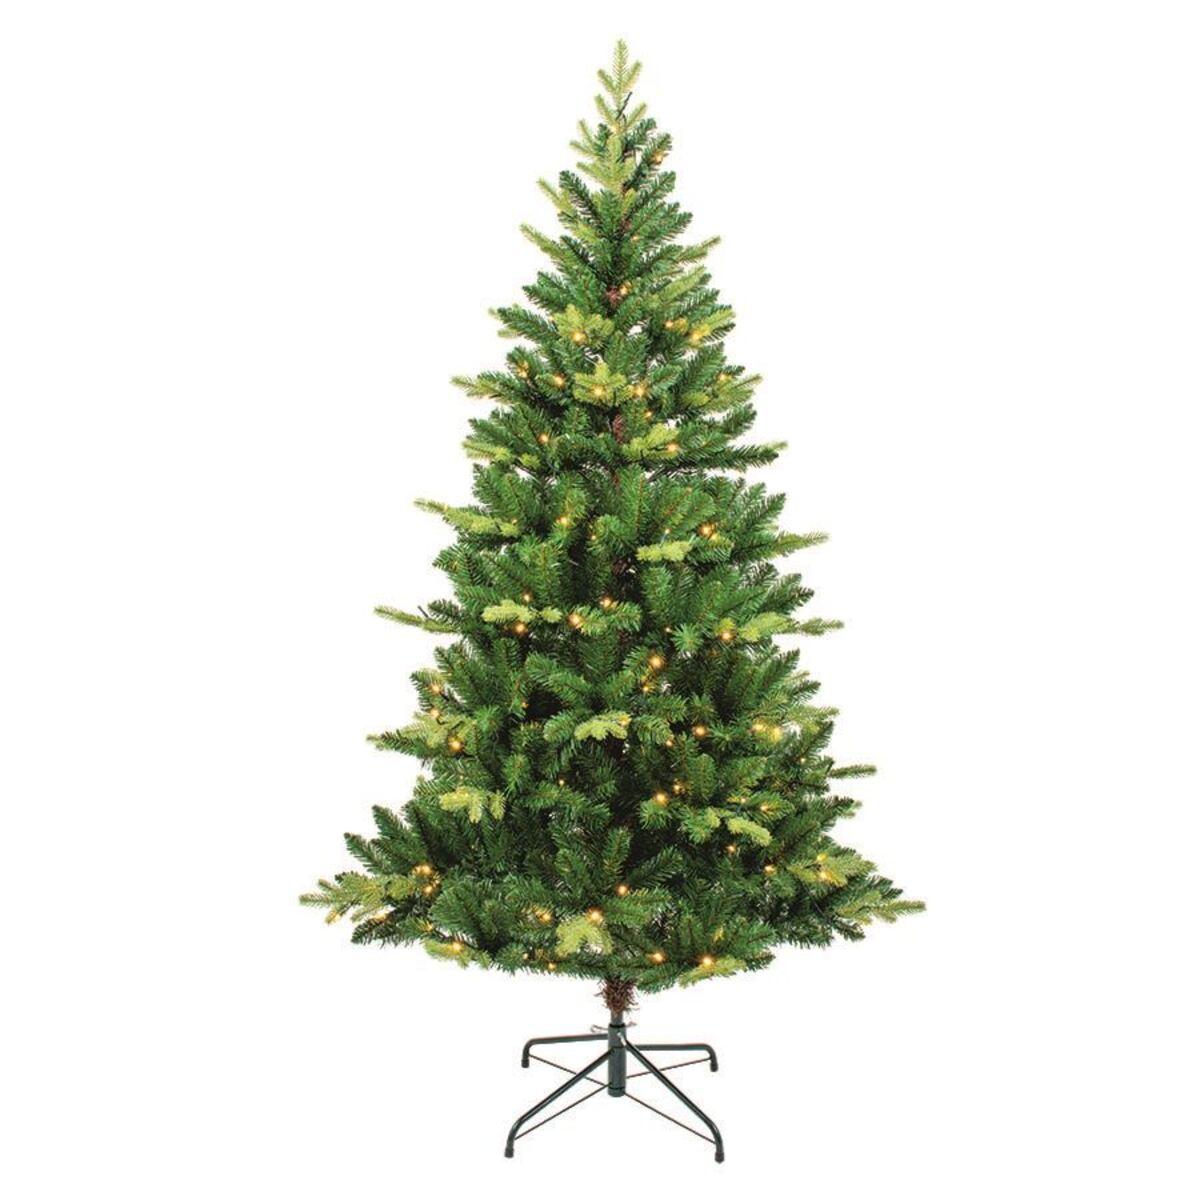 Bild 2 von Künstlicher Weihnachtsbaum mit 200 LED-Lichterkette 180cm